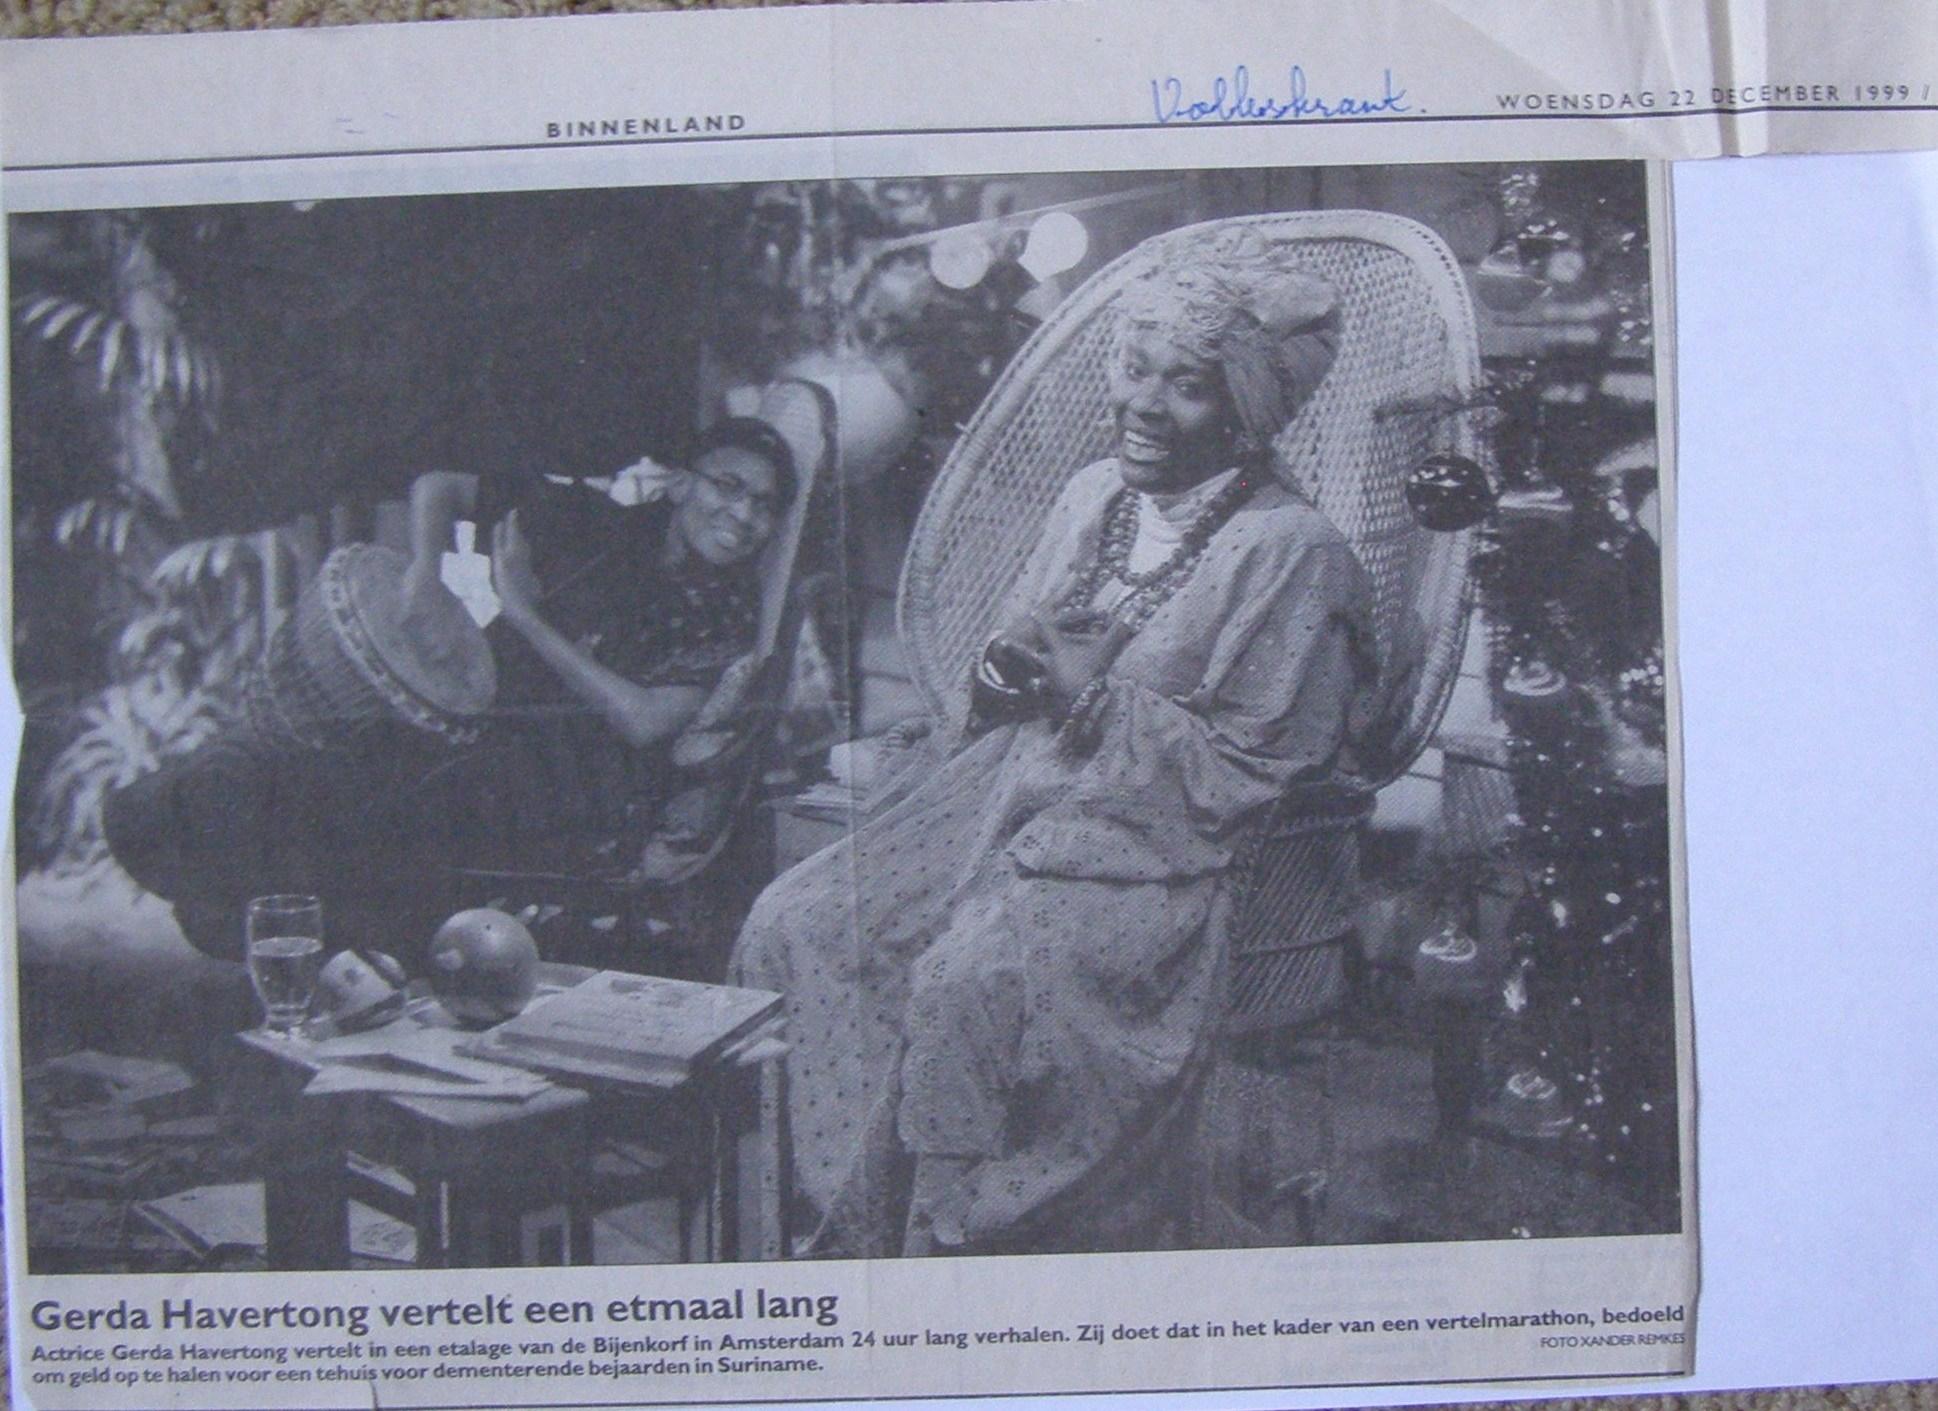 Gerda Havertong vertelt 24 uur lang in de etalage van de Bijenkorf, met diverse artiesten, waaronder Hellen Jeanette Gill.